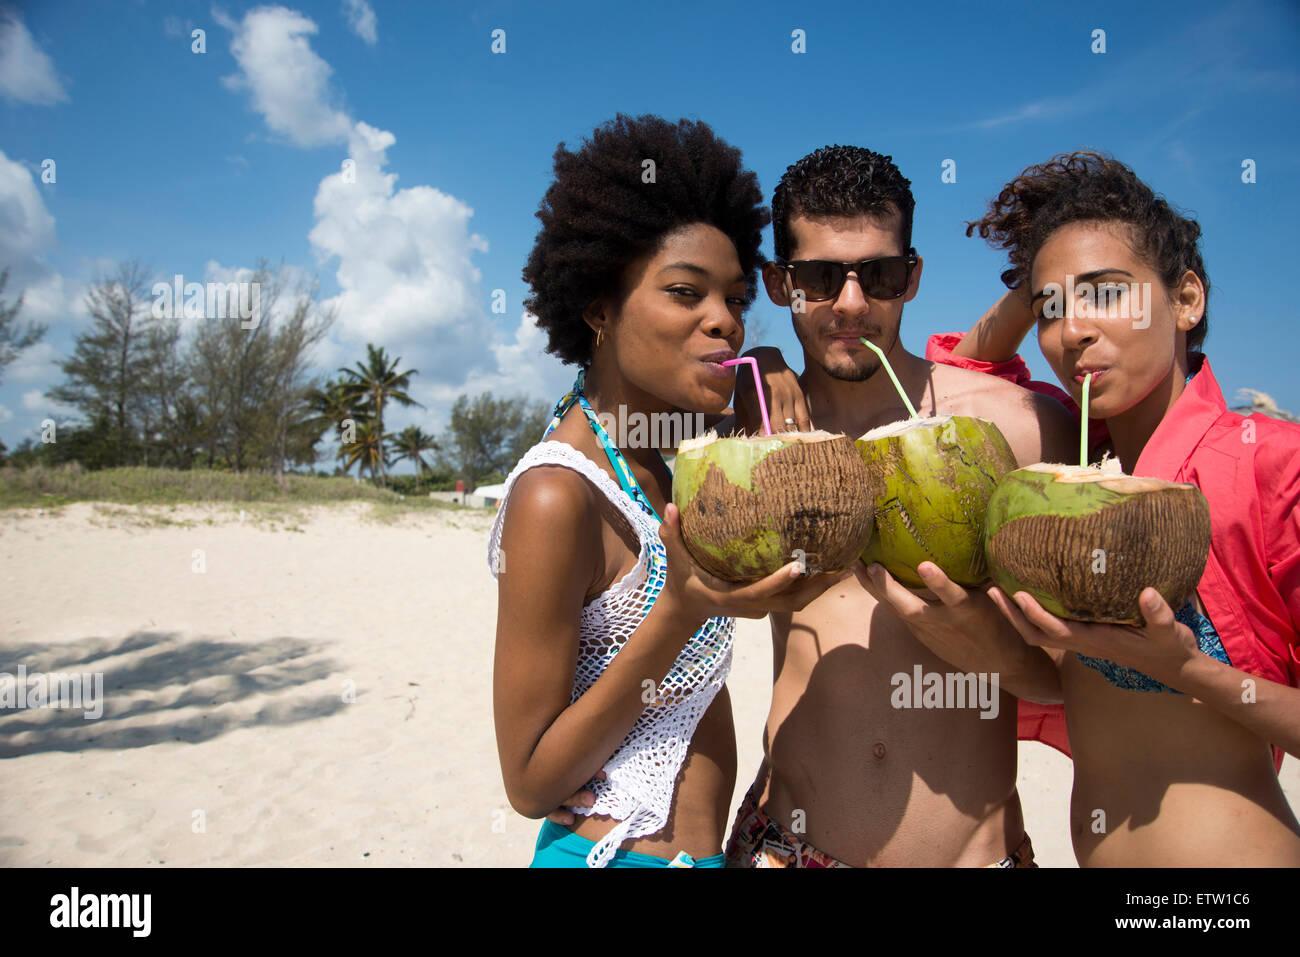 Tre persone latino sulla spiaggia Immagini Stock